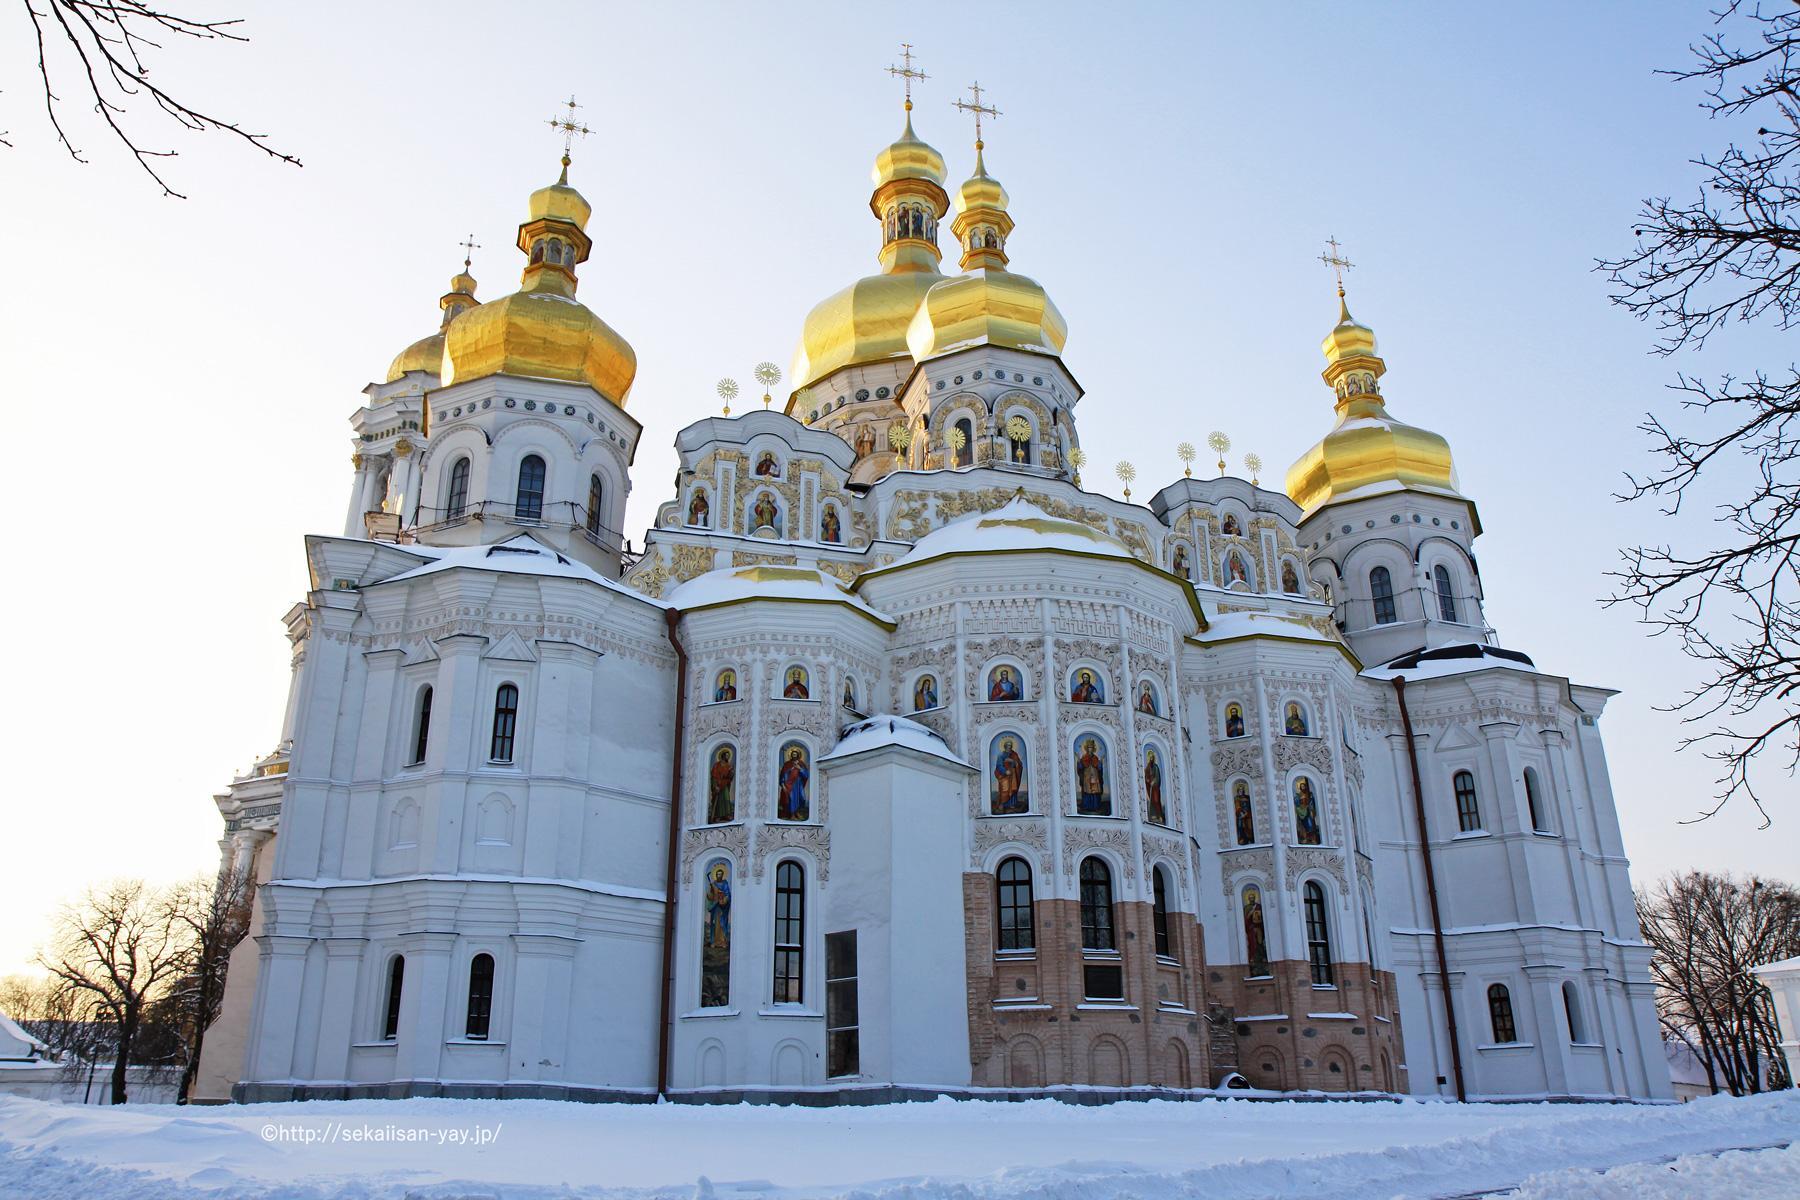 ウクライナ世界遺産「キエフ:聖ソフィア大聖堂と関連する修道院建築物群、キエフ-ペチェールスカヤ大修道院」(ペチェールシク大修道院)